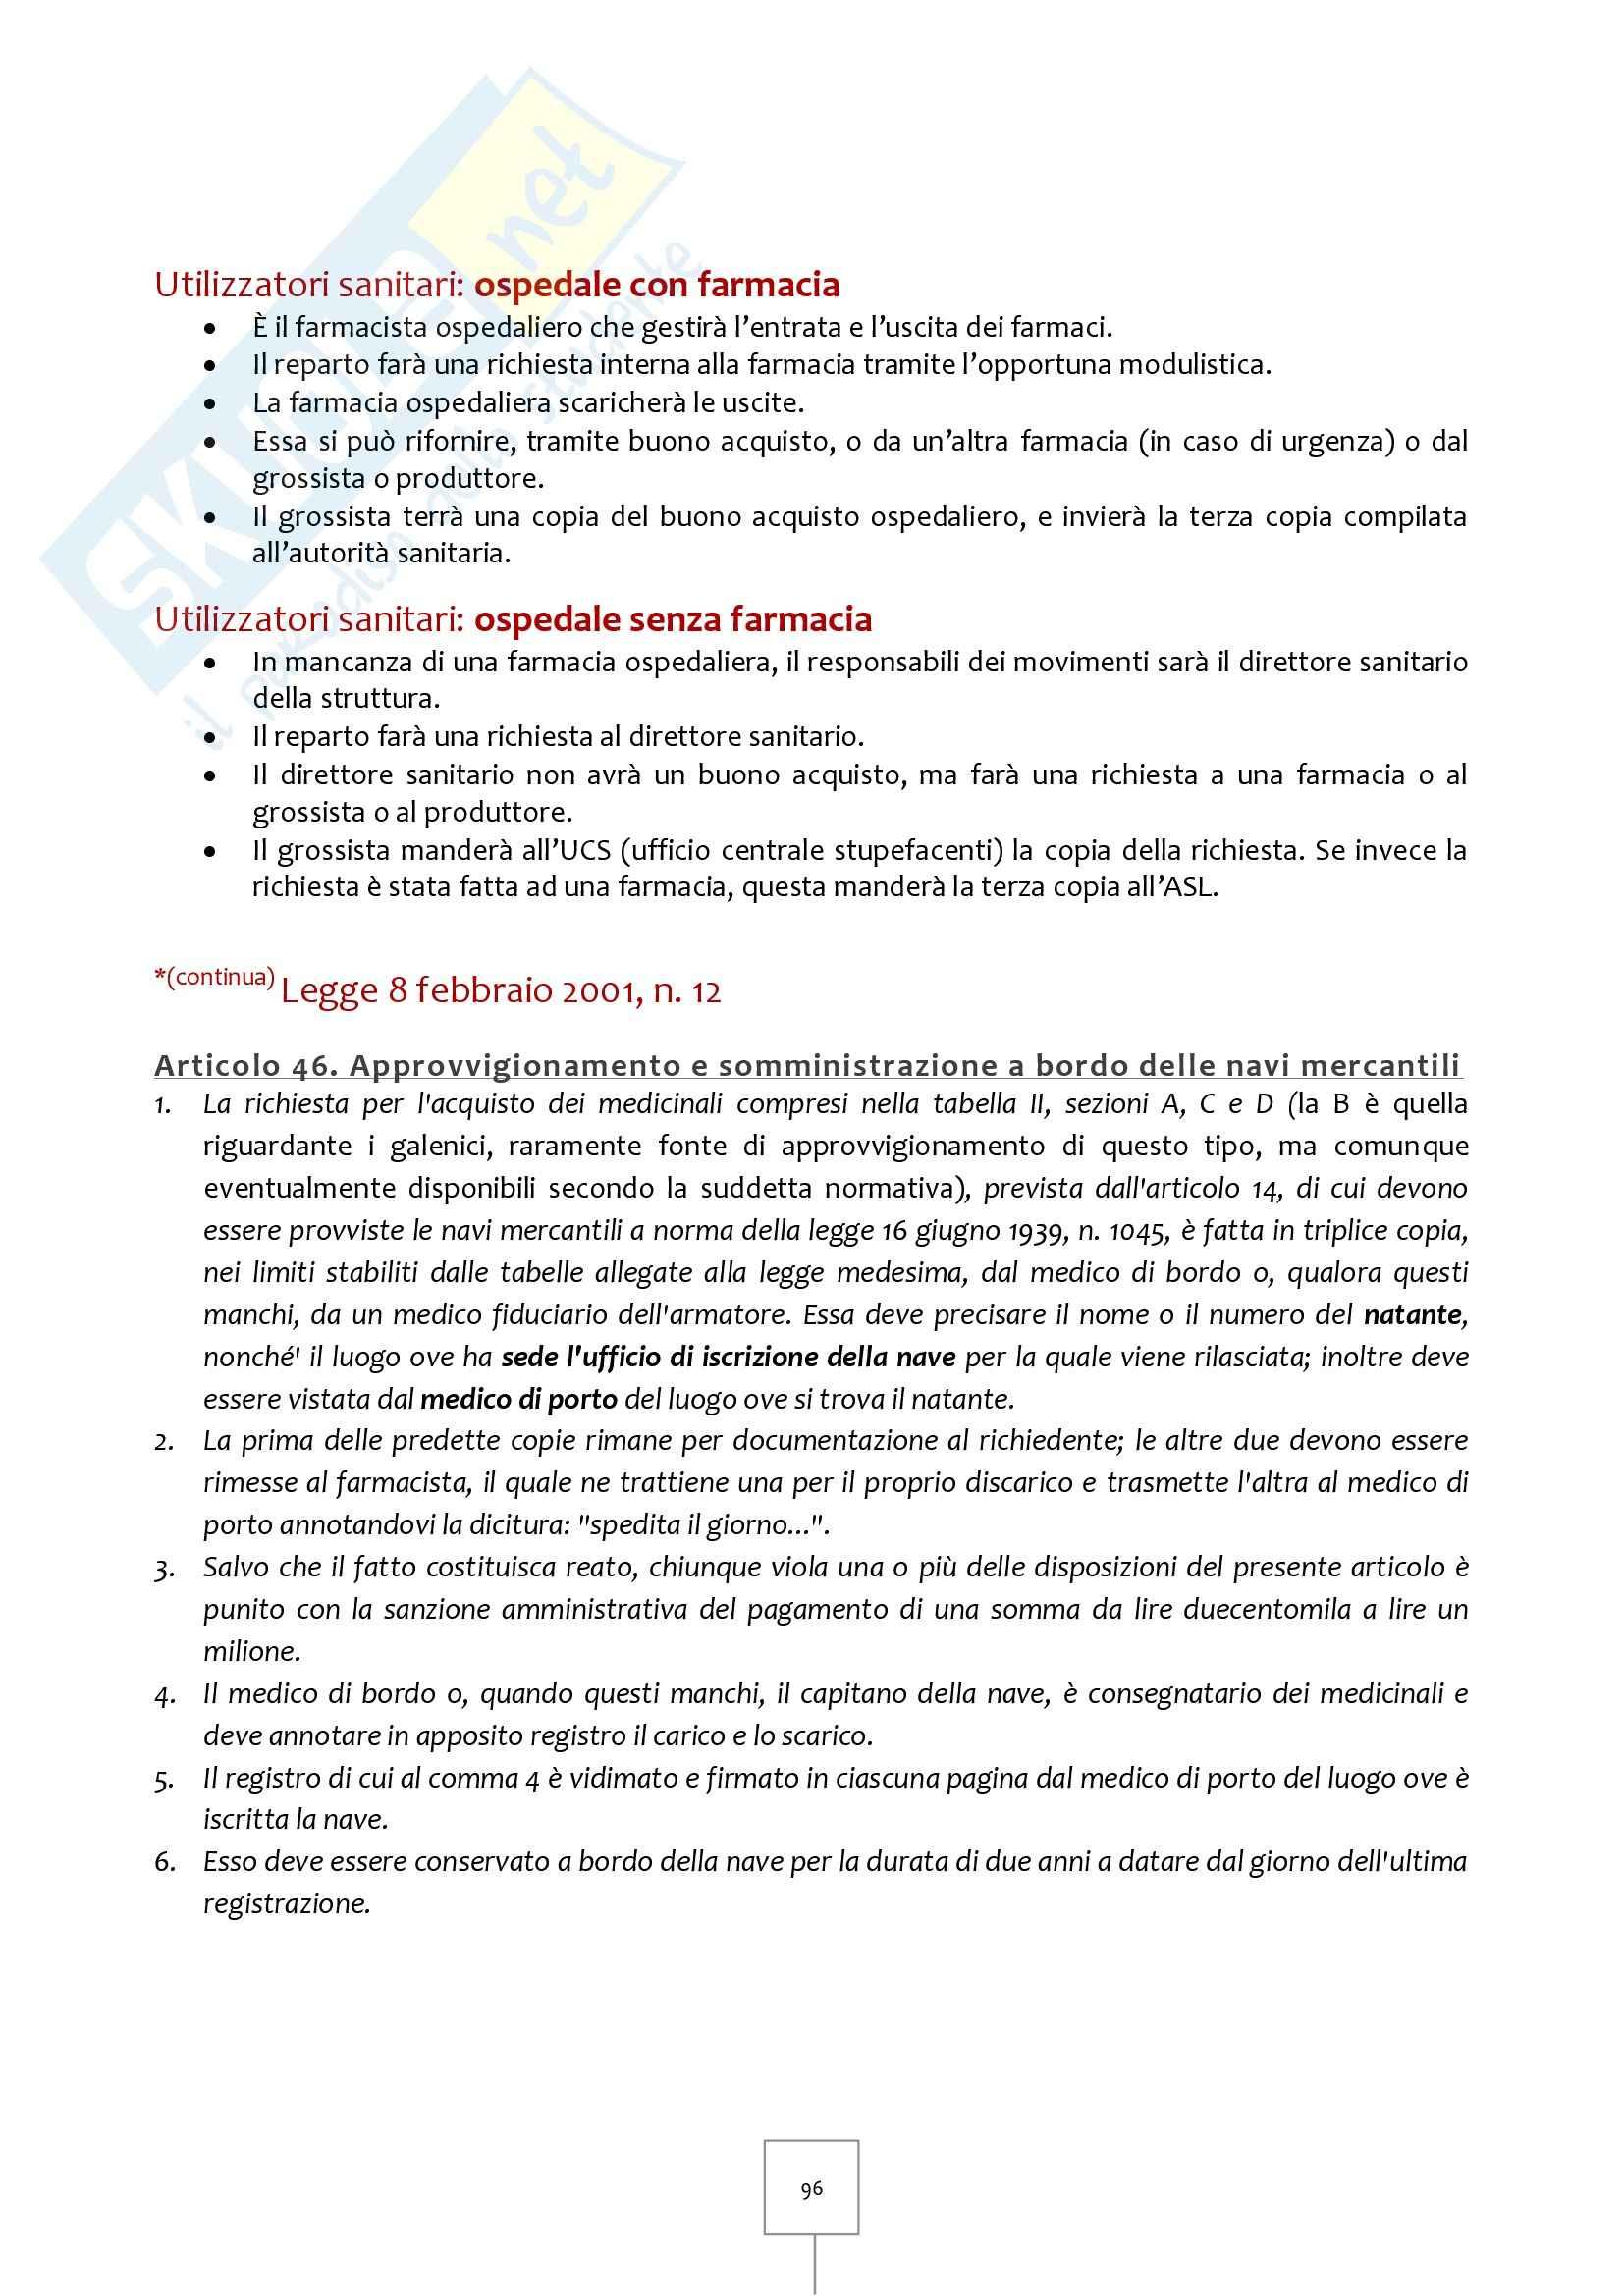 Legislazione Farmaceutica I - Appunti Pag. 96